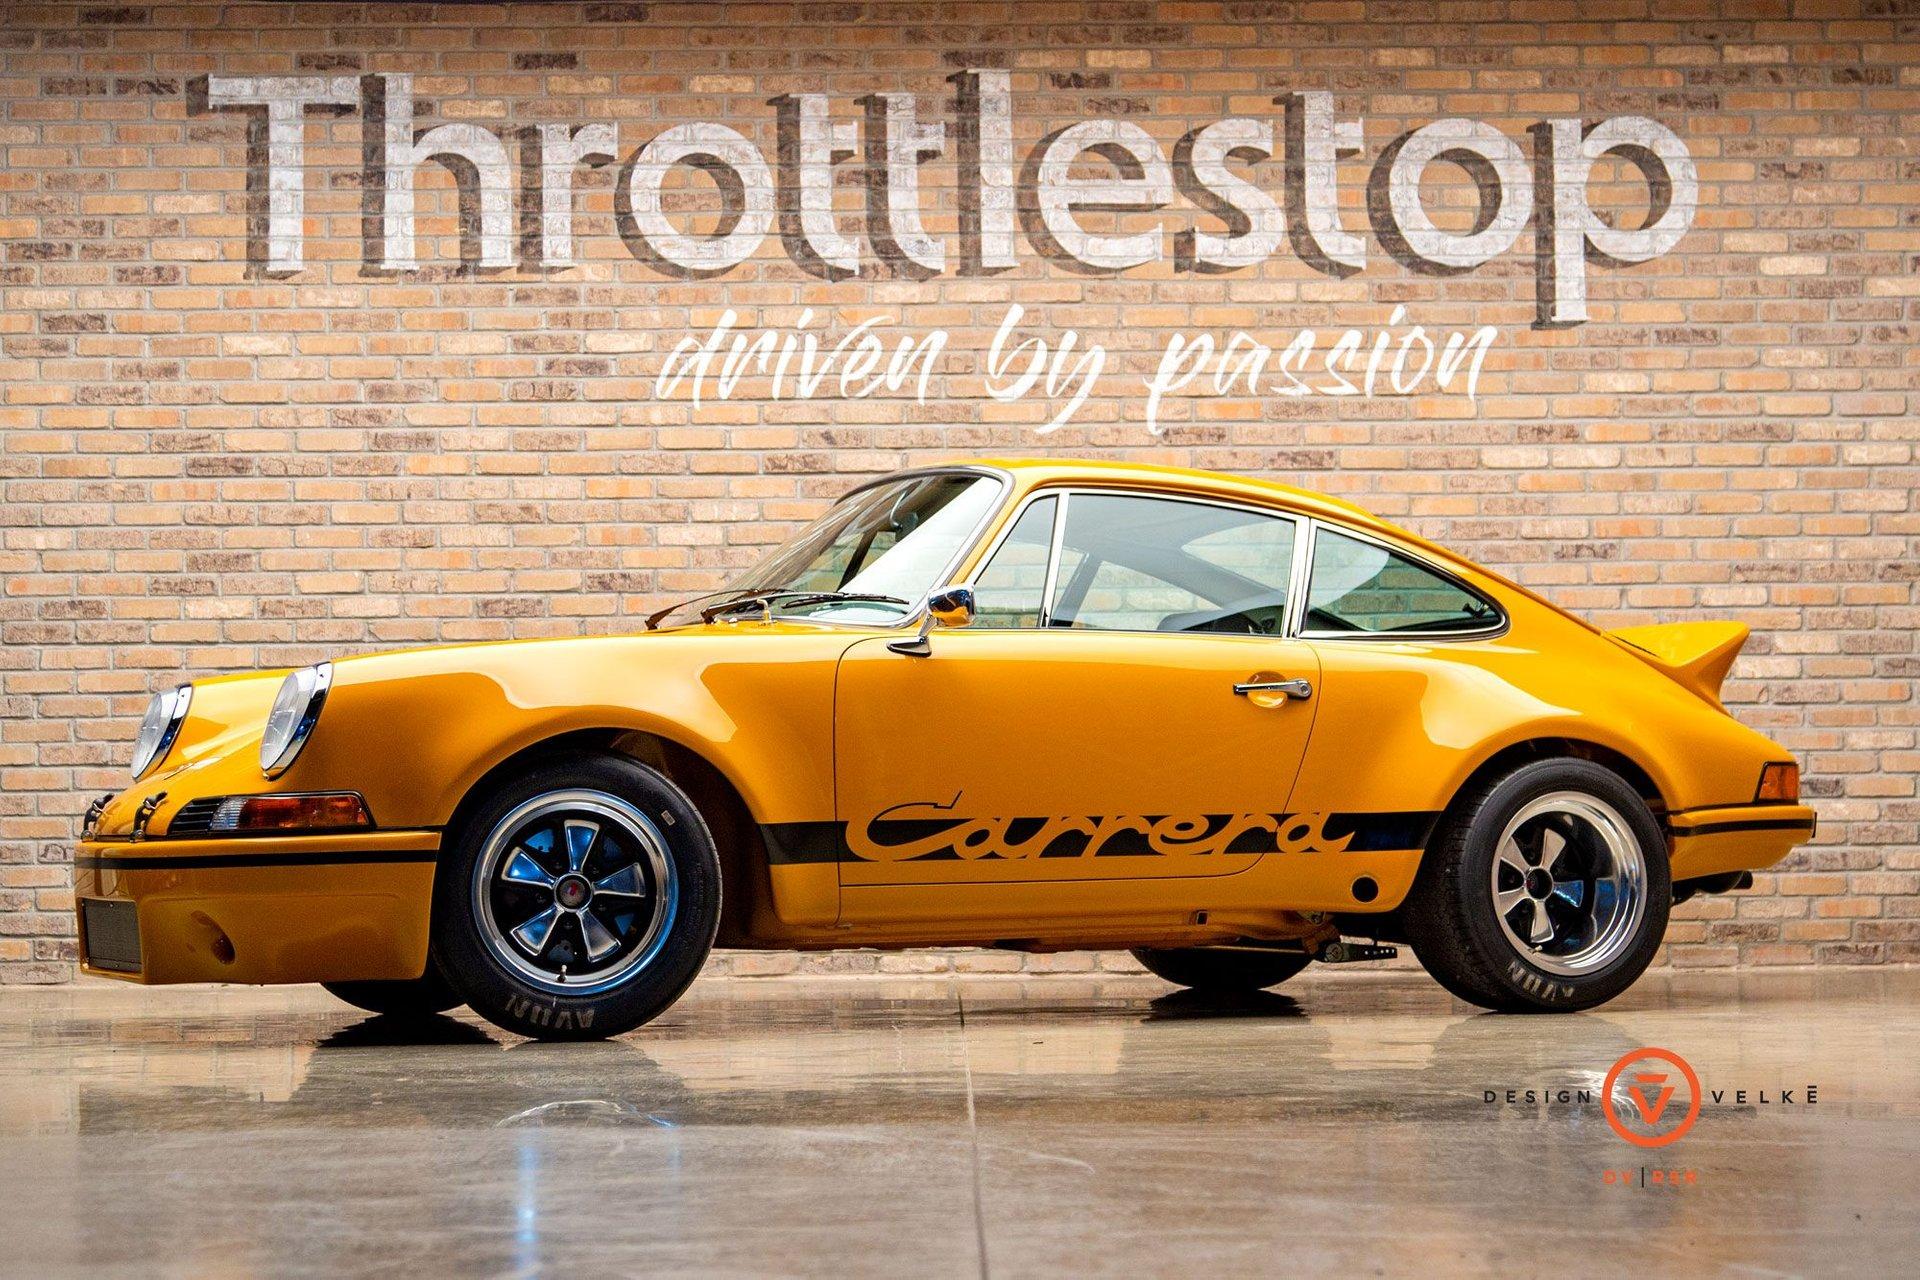 1968 porsche 911 design velke dv rsr